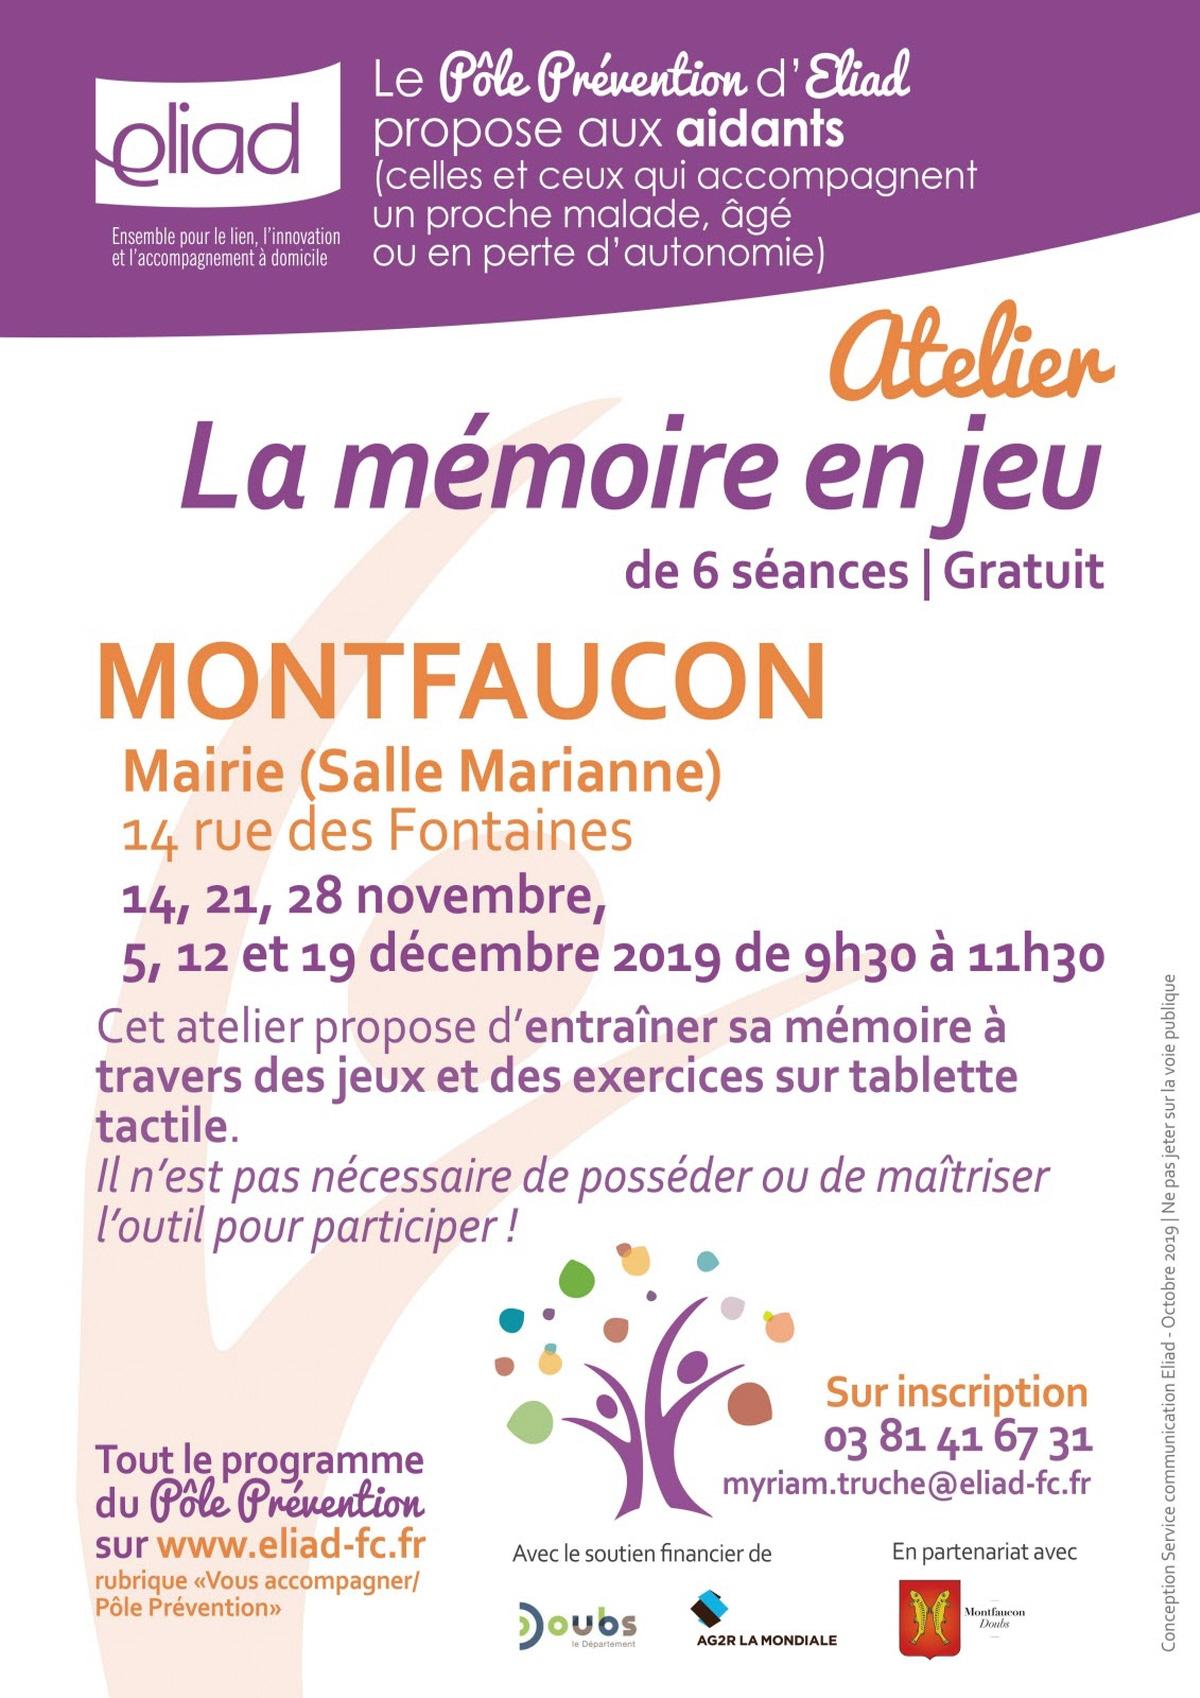 La Memoire En Jeu» : Rencontre, Conference A Montfaucon encequiconcerne Jeu De Memoire Gratuit